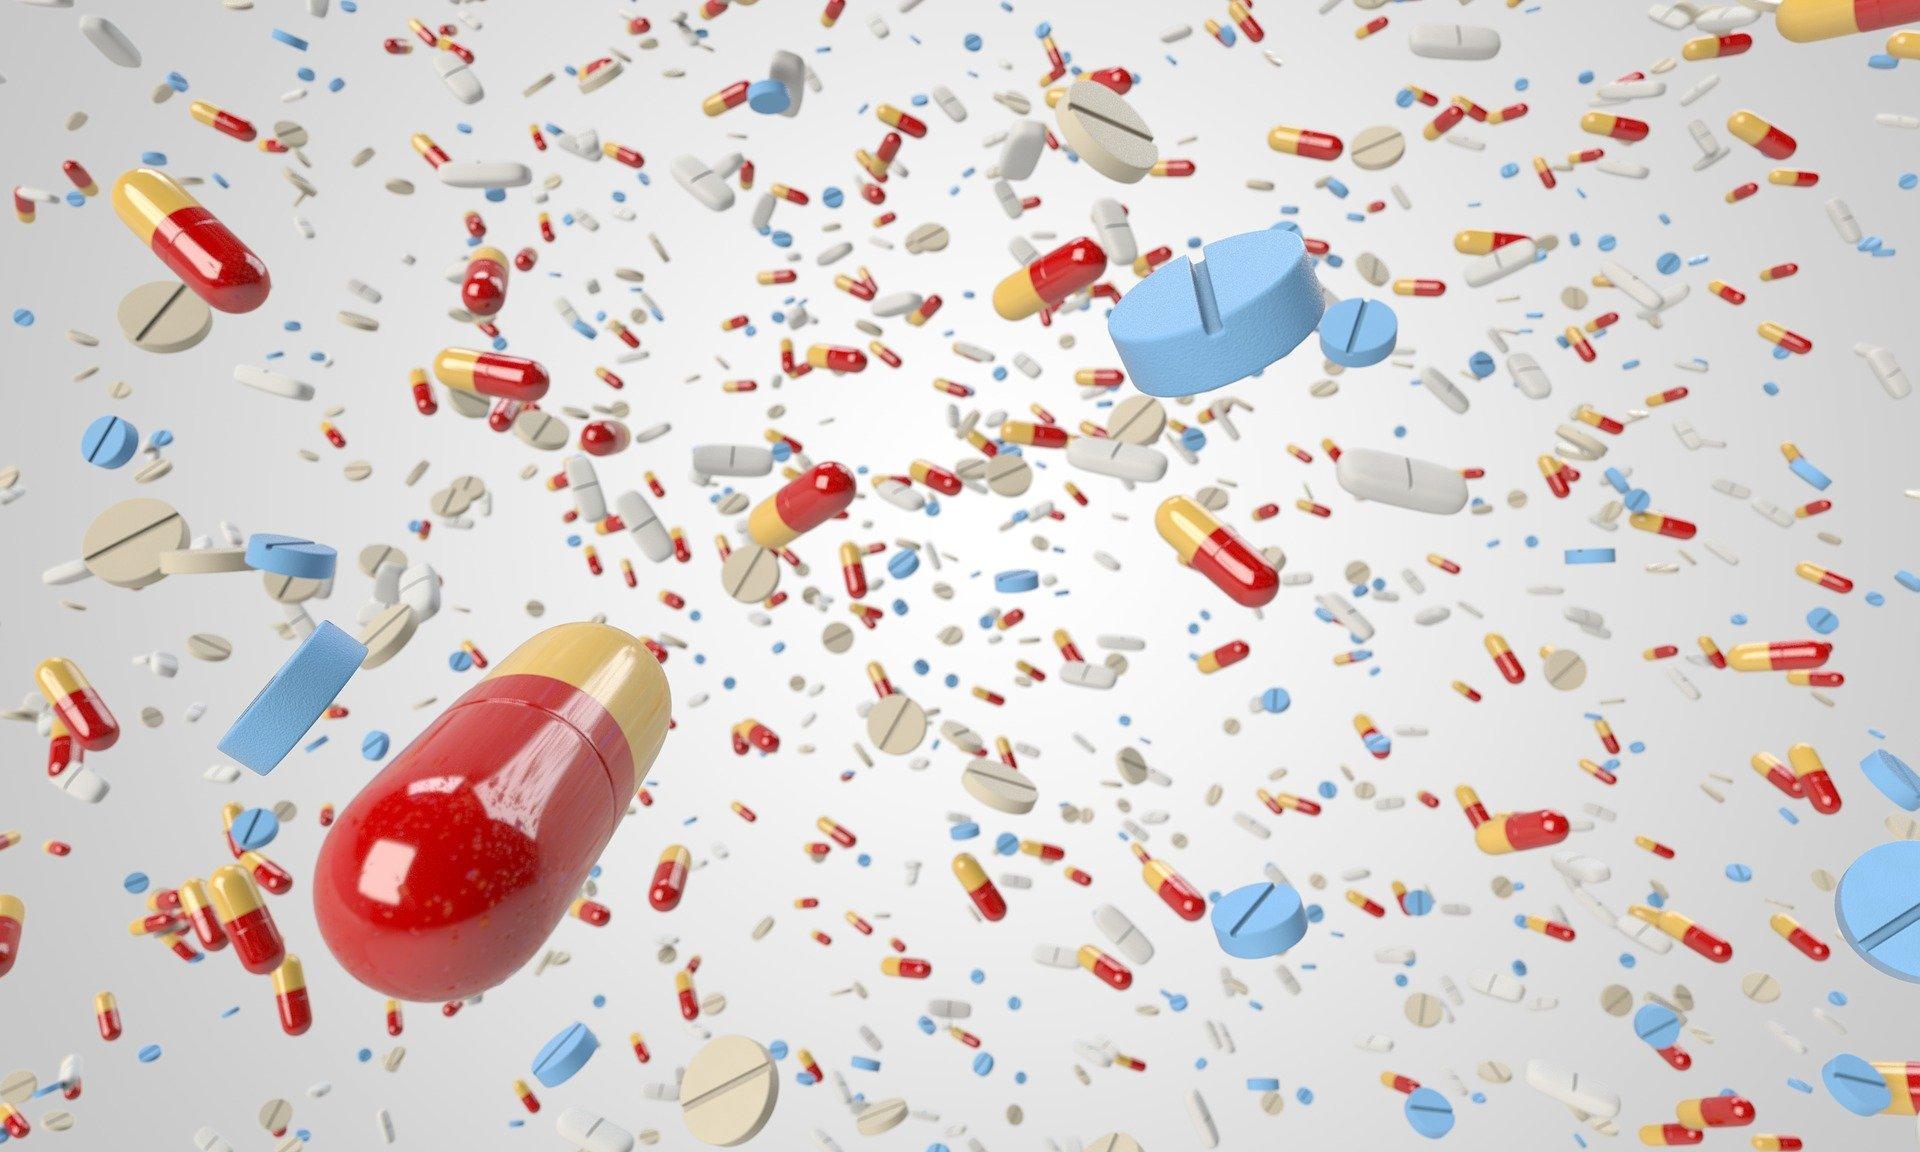 Apotheken lassen Kunden hängen, wenn es um die Entsorgung von Antibiotika und Opioide